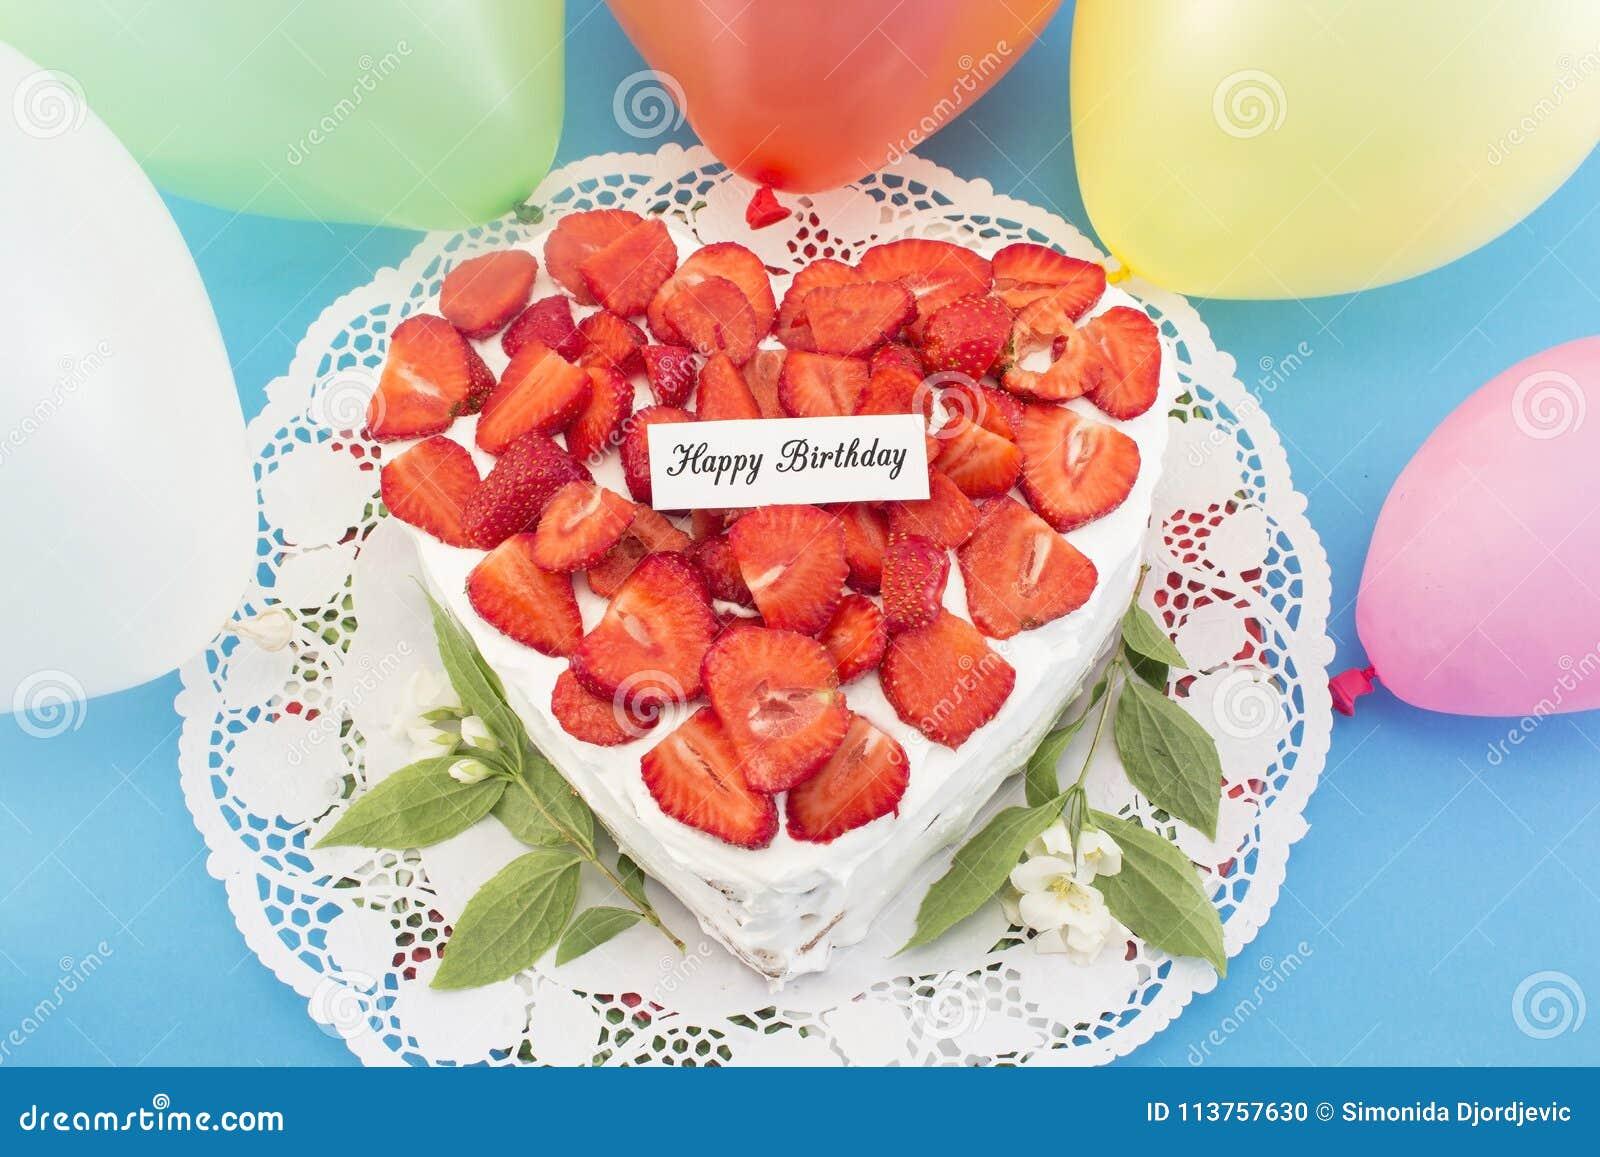 Verjaardagskaastaart met Aardbeien